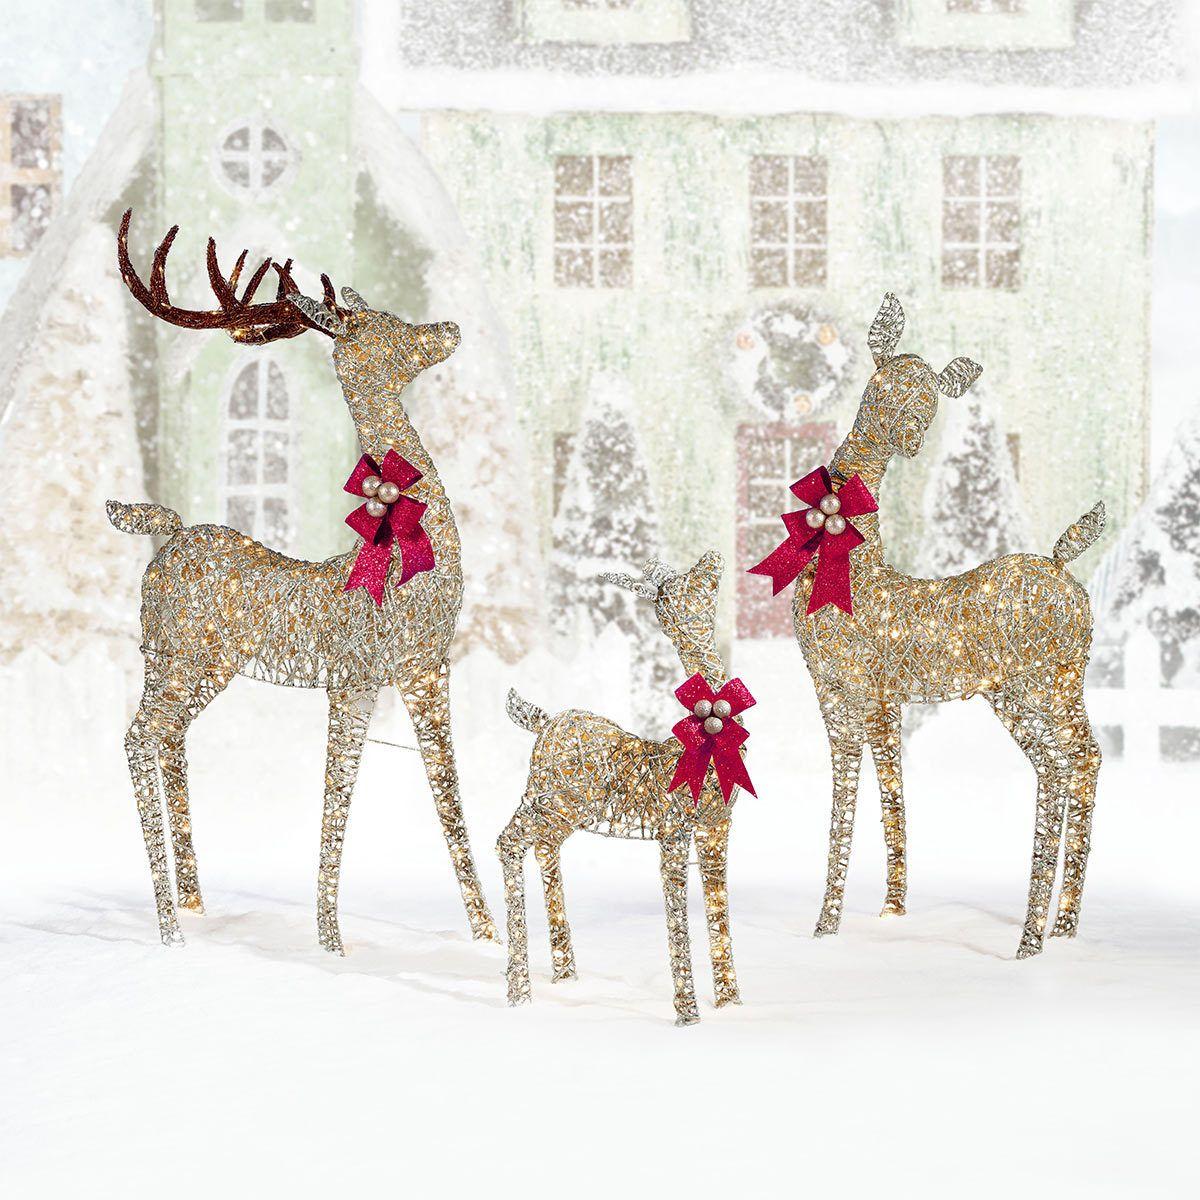 Indoor Outdoor Christmas Reindeer Family Set Of 3 With Led Lights Outdoor Christmas Reindeer Led Christmas Lights Reindeer Lights